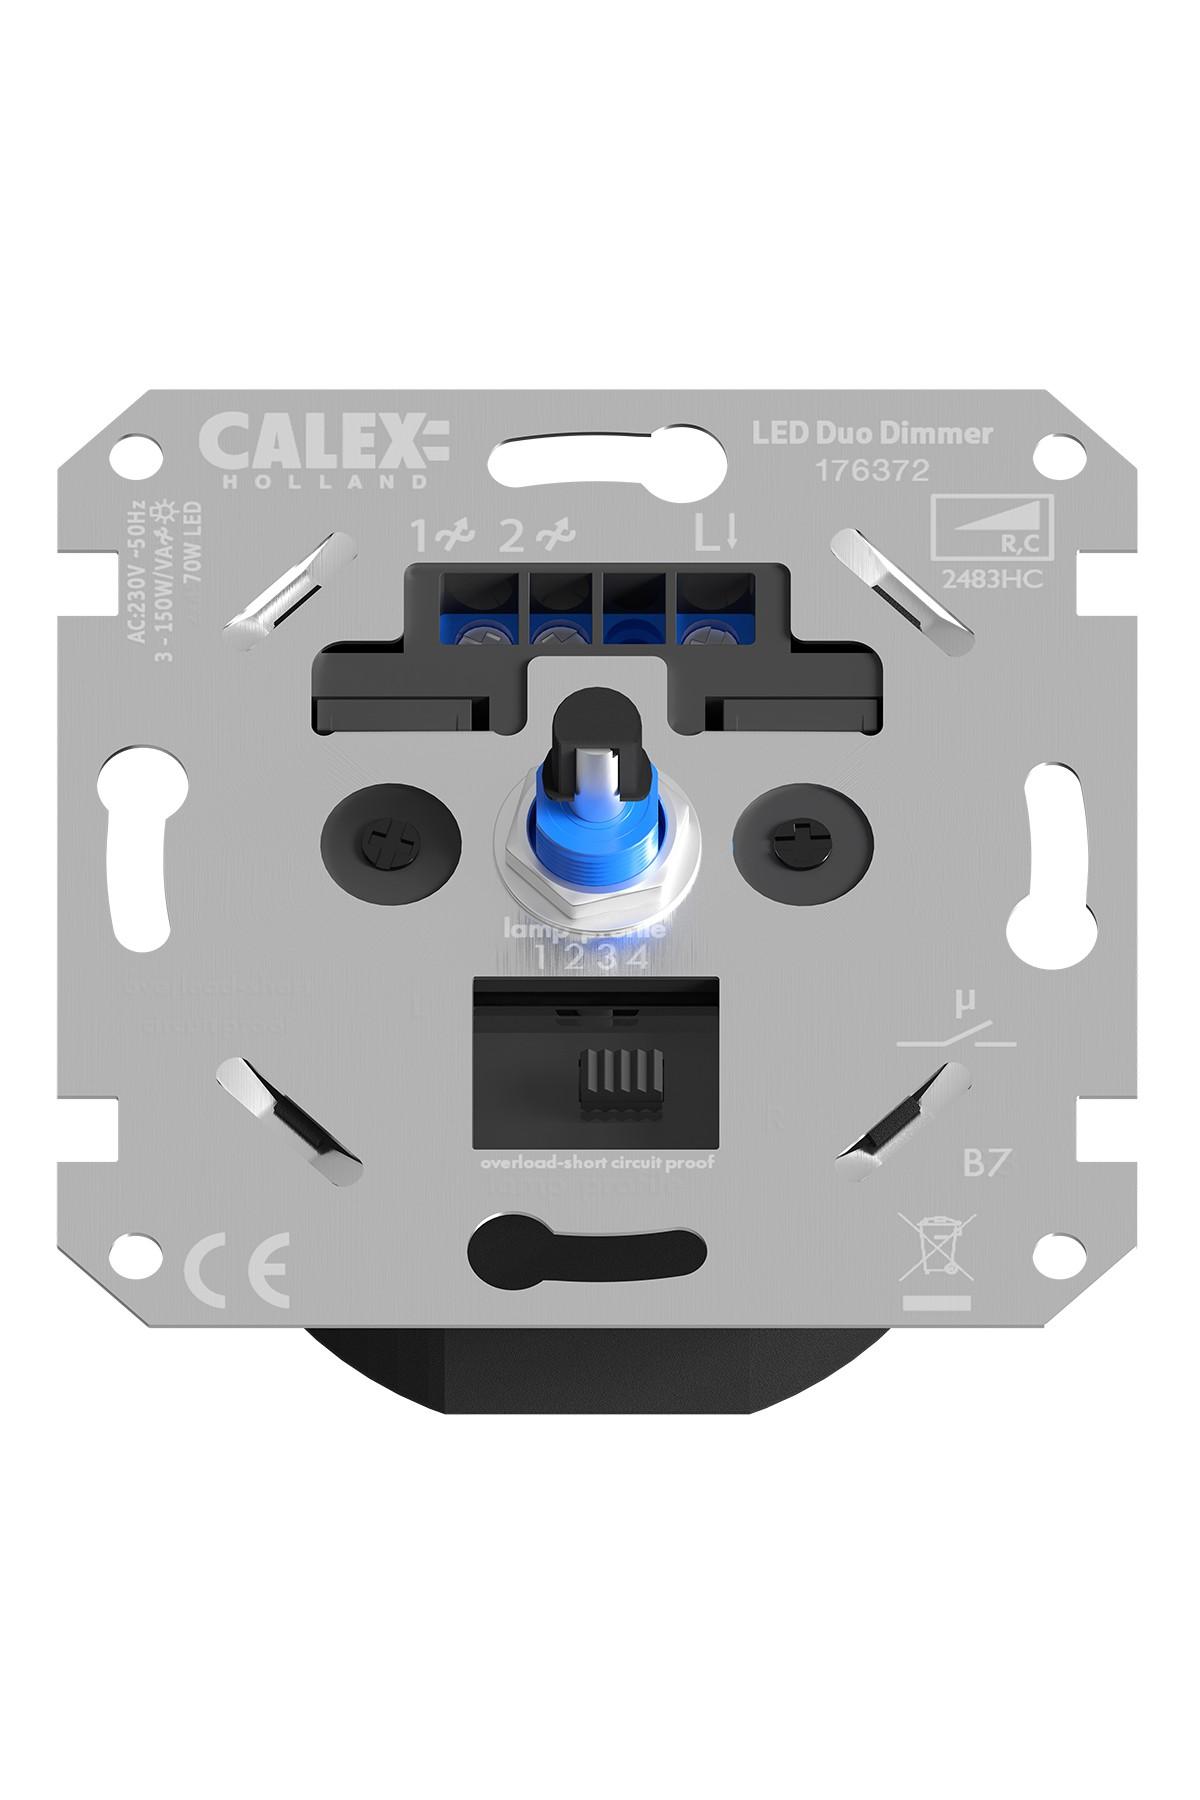 CALEX LEDDIMMER 230V LED-70W GLS-150W